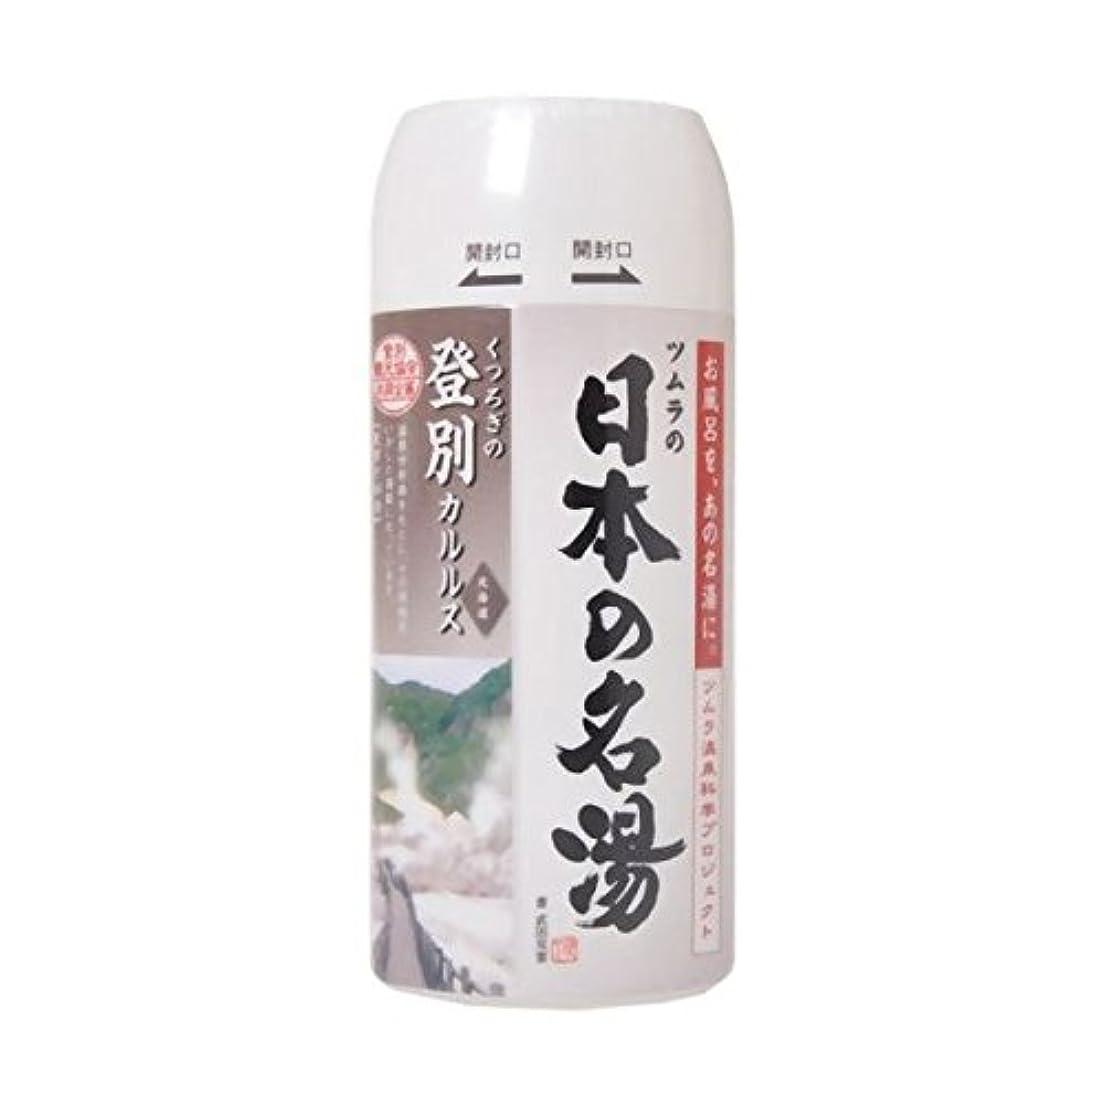 コート王女手【お徳用 3 セット】 日本の名湯 登別カルルス 450g(入浴剤)×3セット